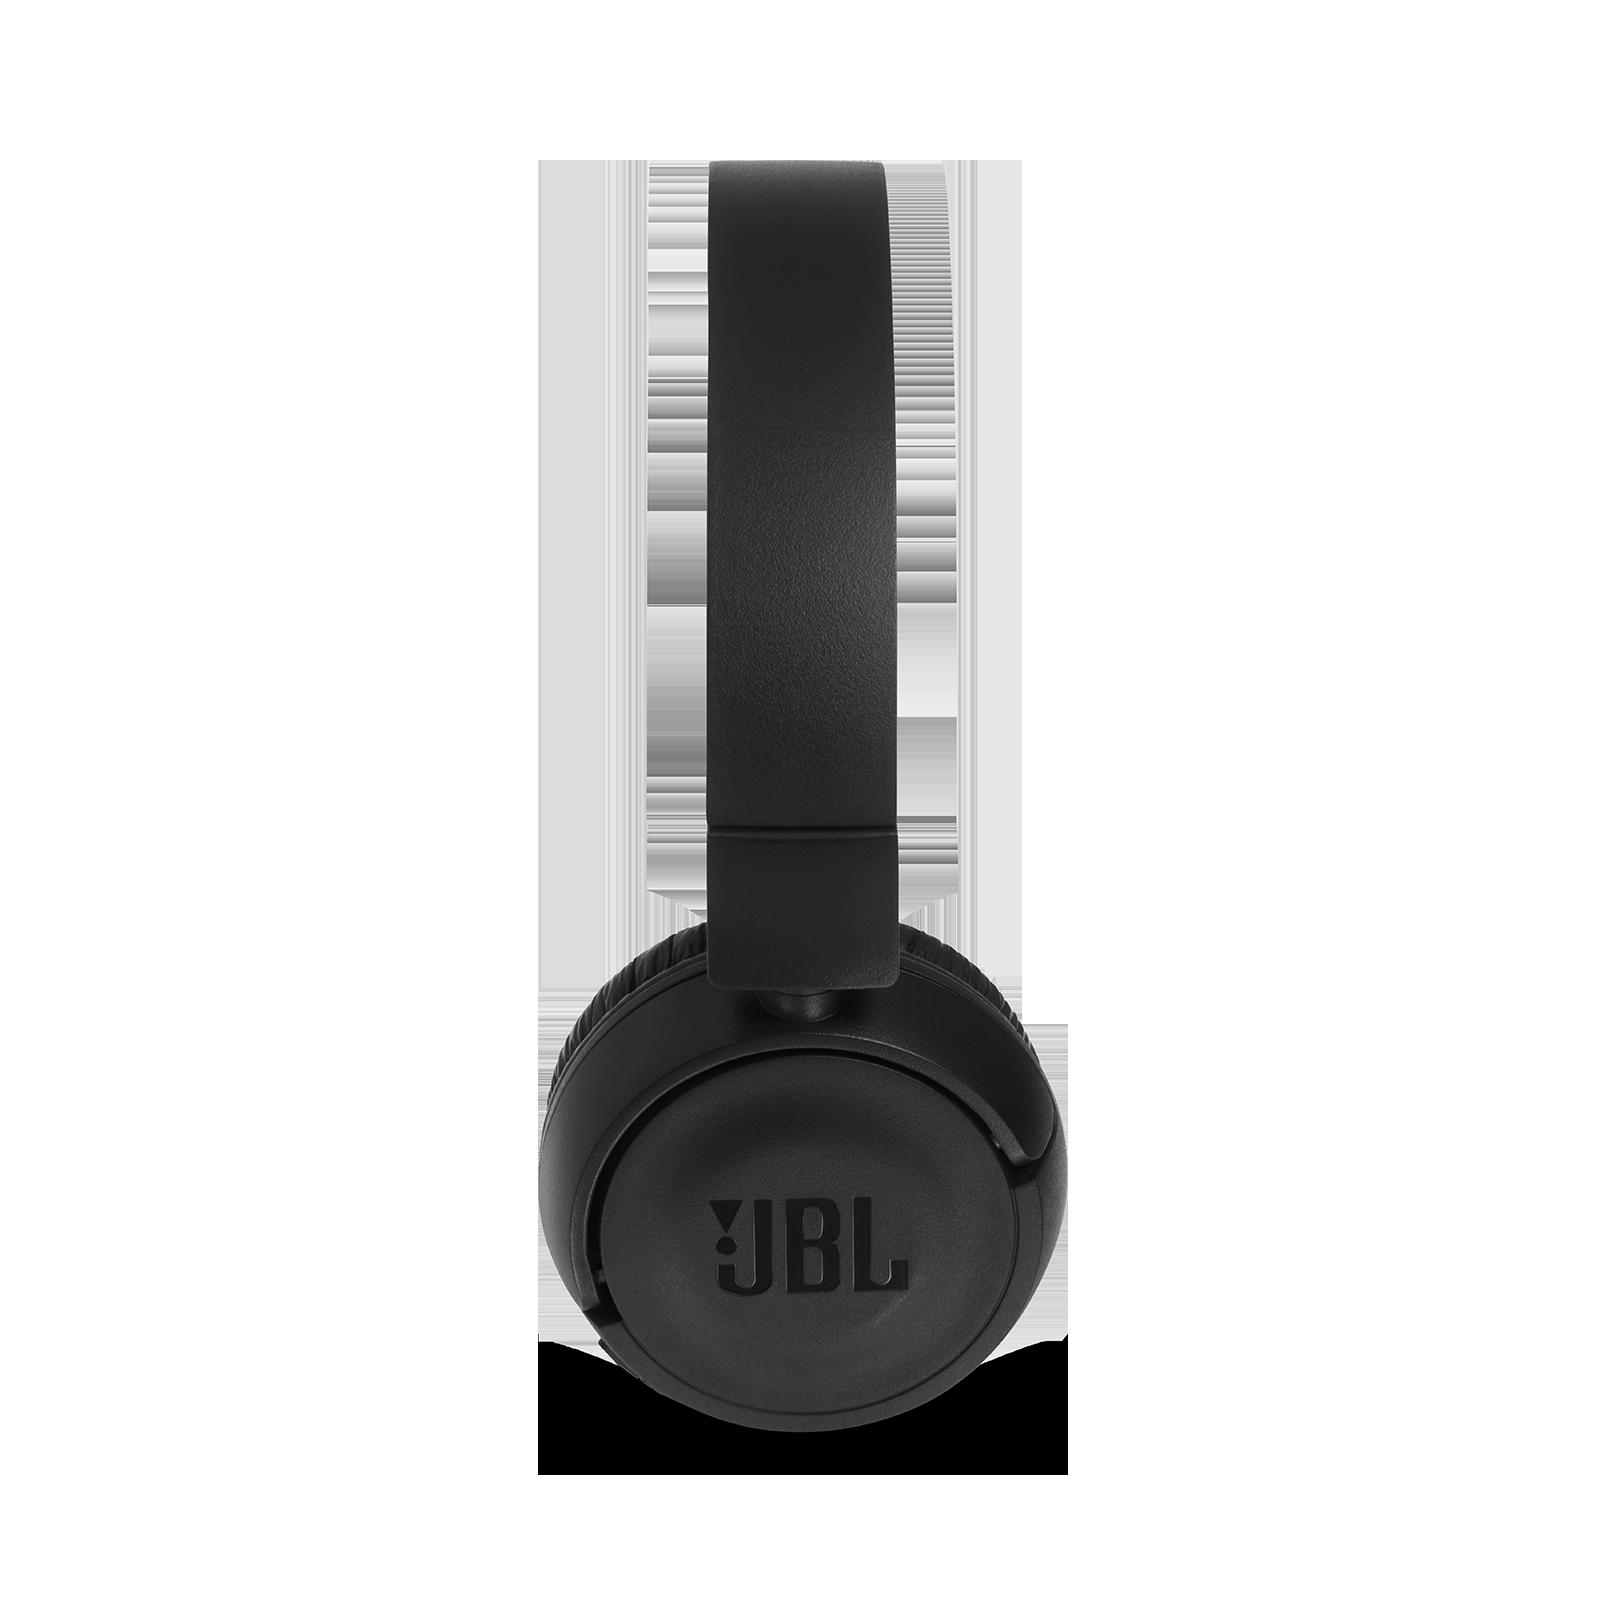 JBL T460BT - Black - Wireless on-ear headphones - Detailshot 3